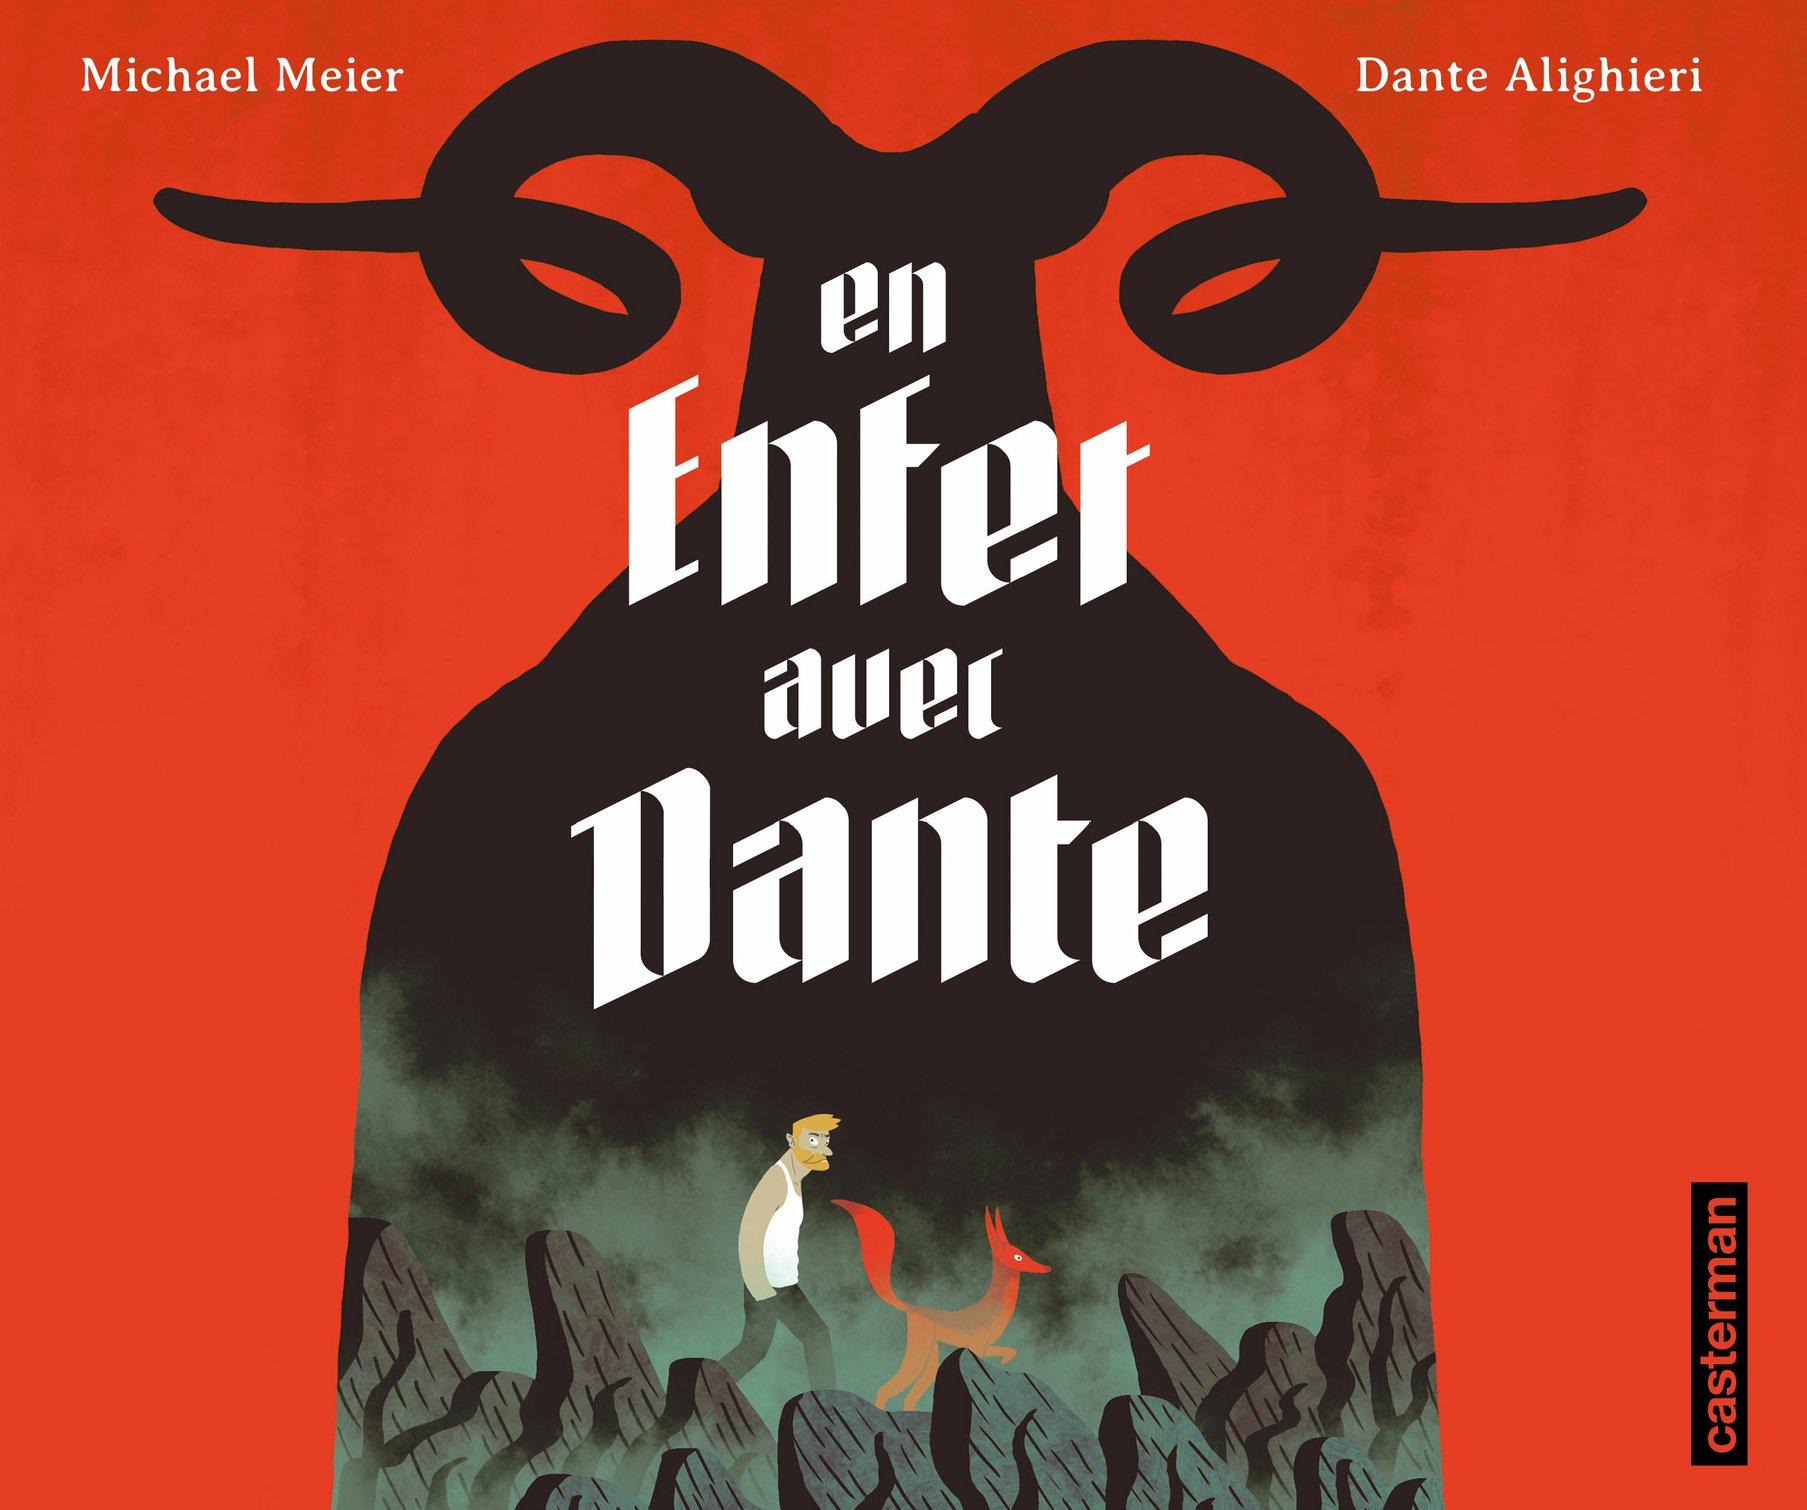 En enfer avec Dante. D'après La Divine Comédie de Dante Alighieri |